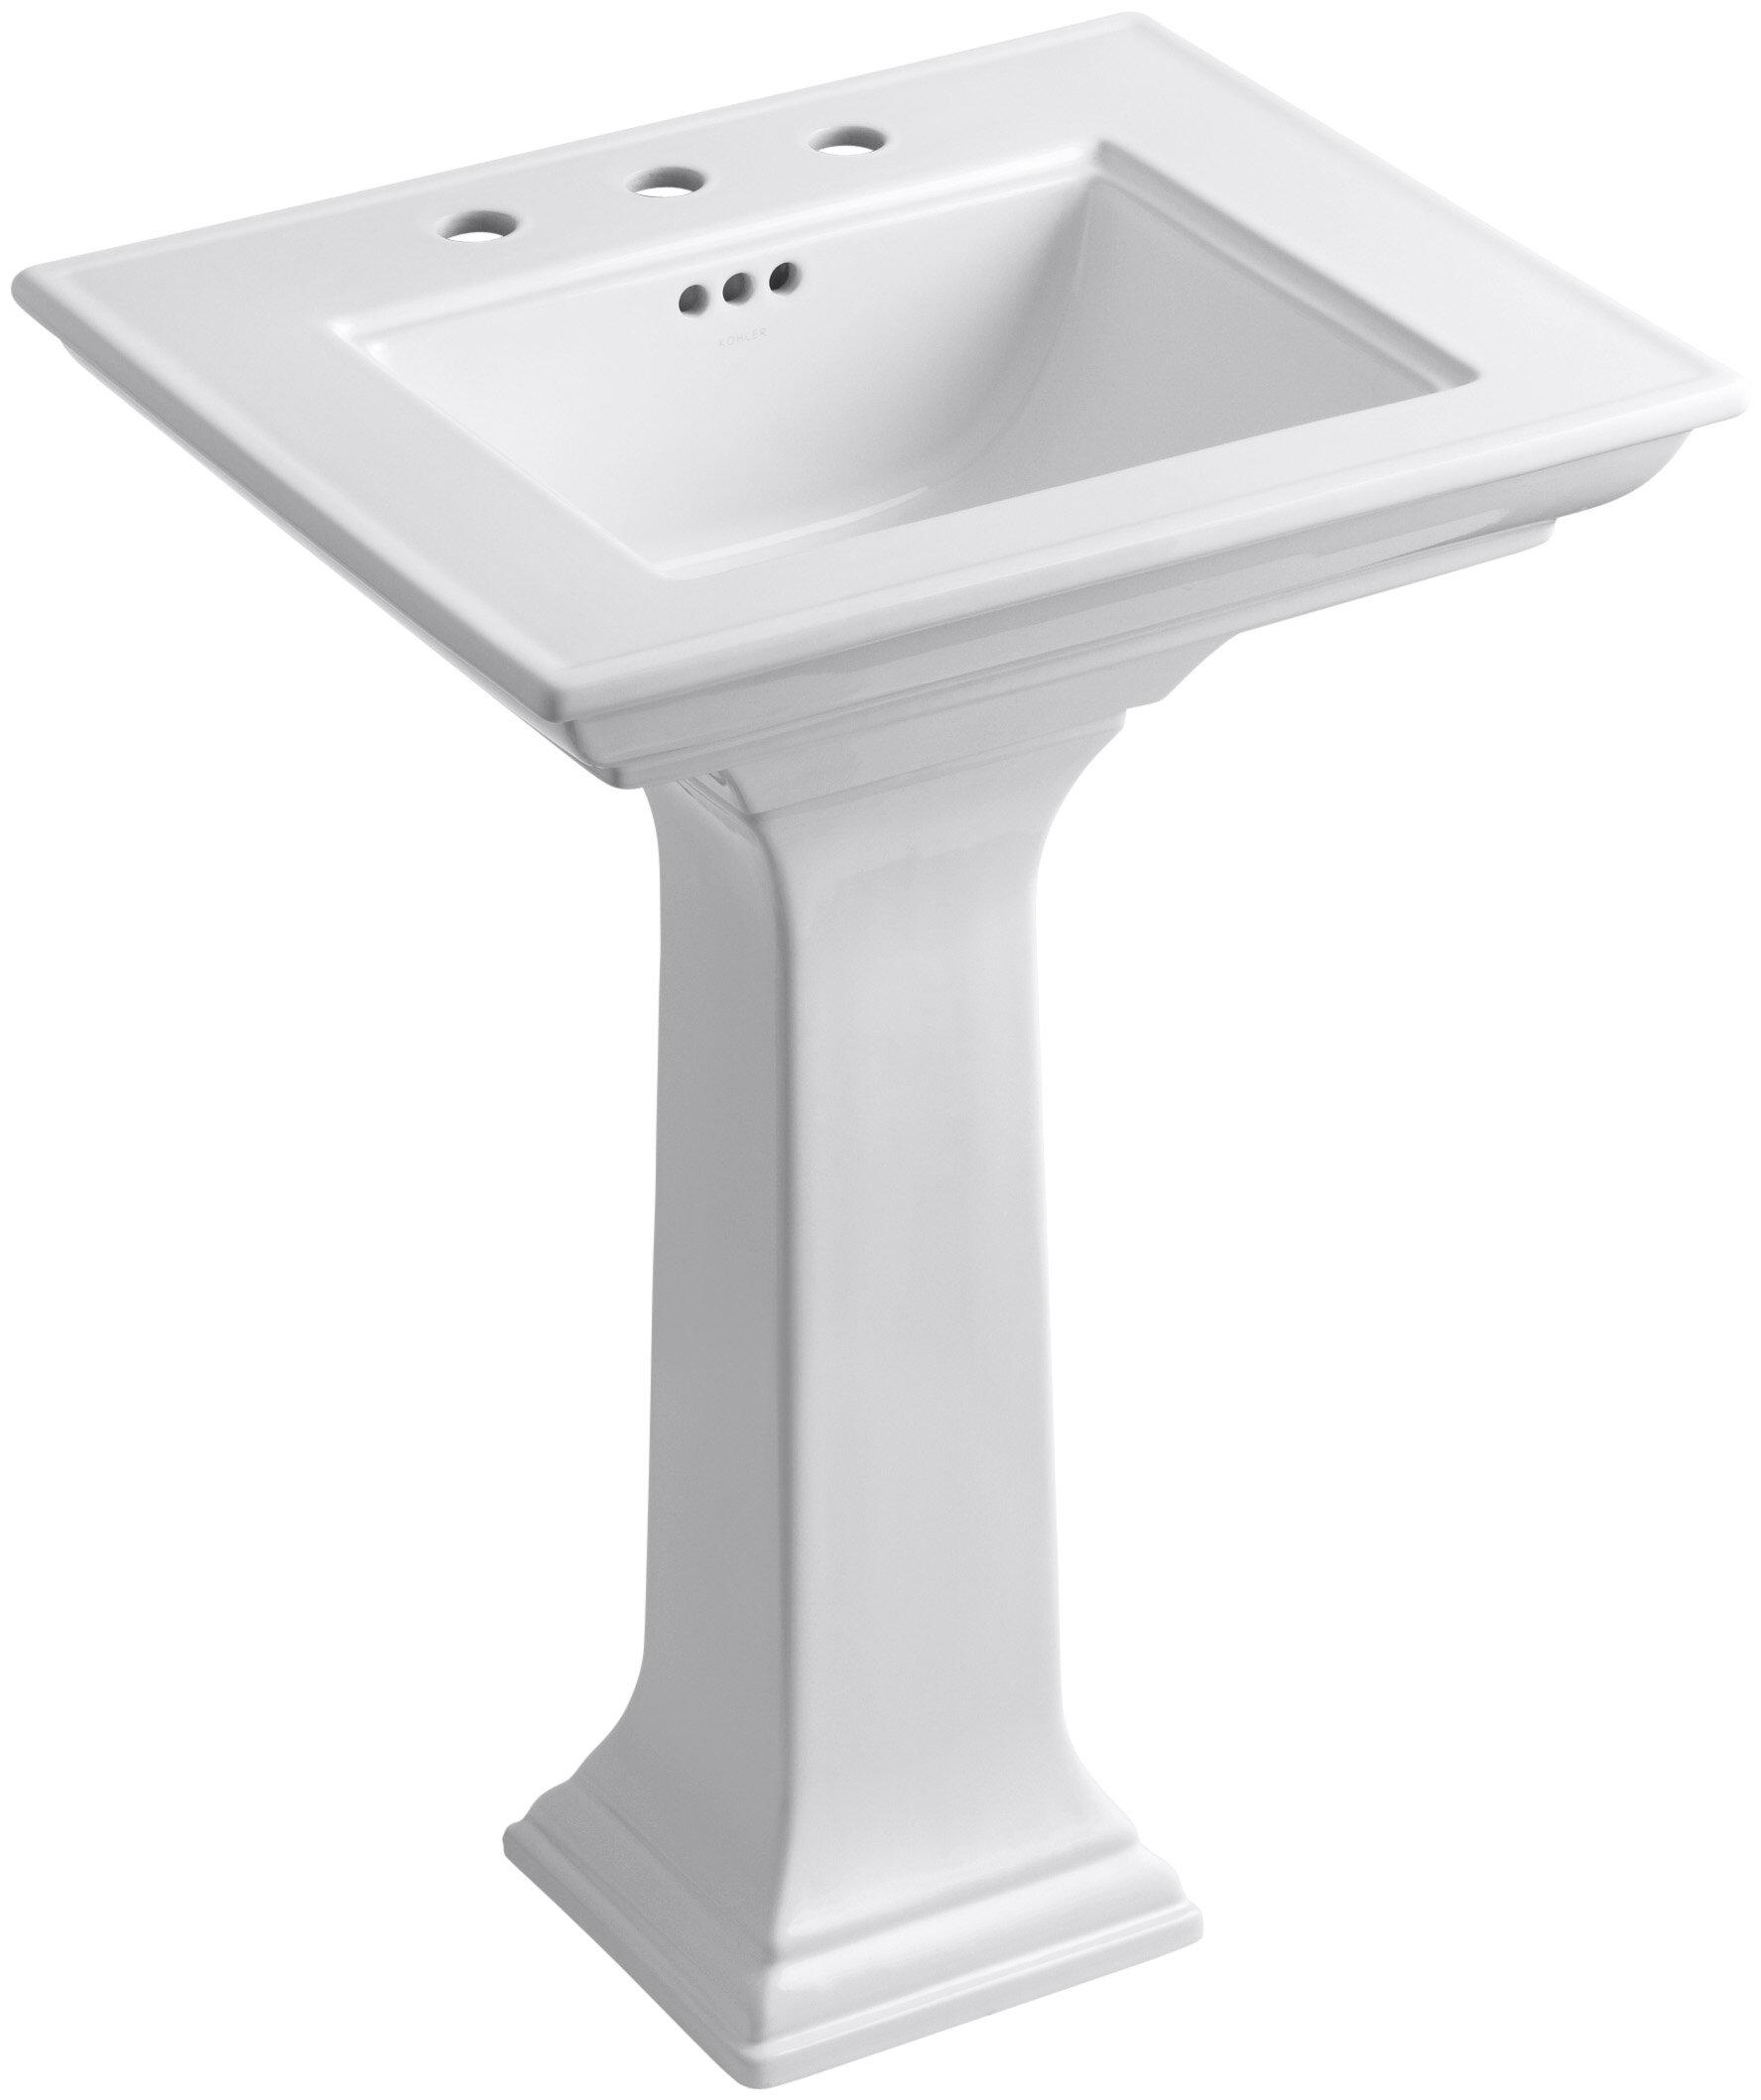 Pedestal Bathroom Sinks You Ll Love In 2020 Wayfair